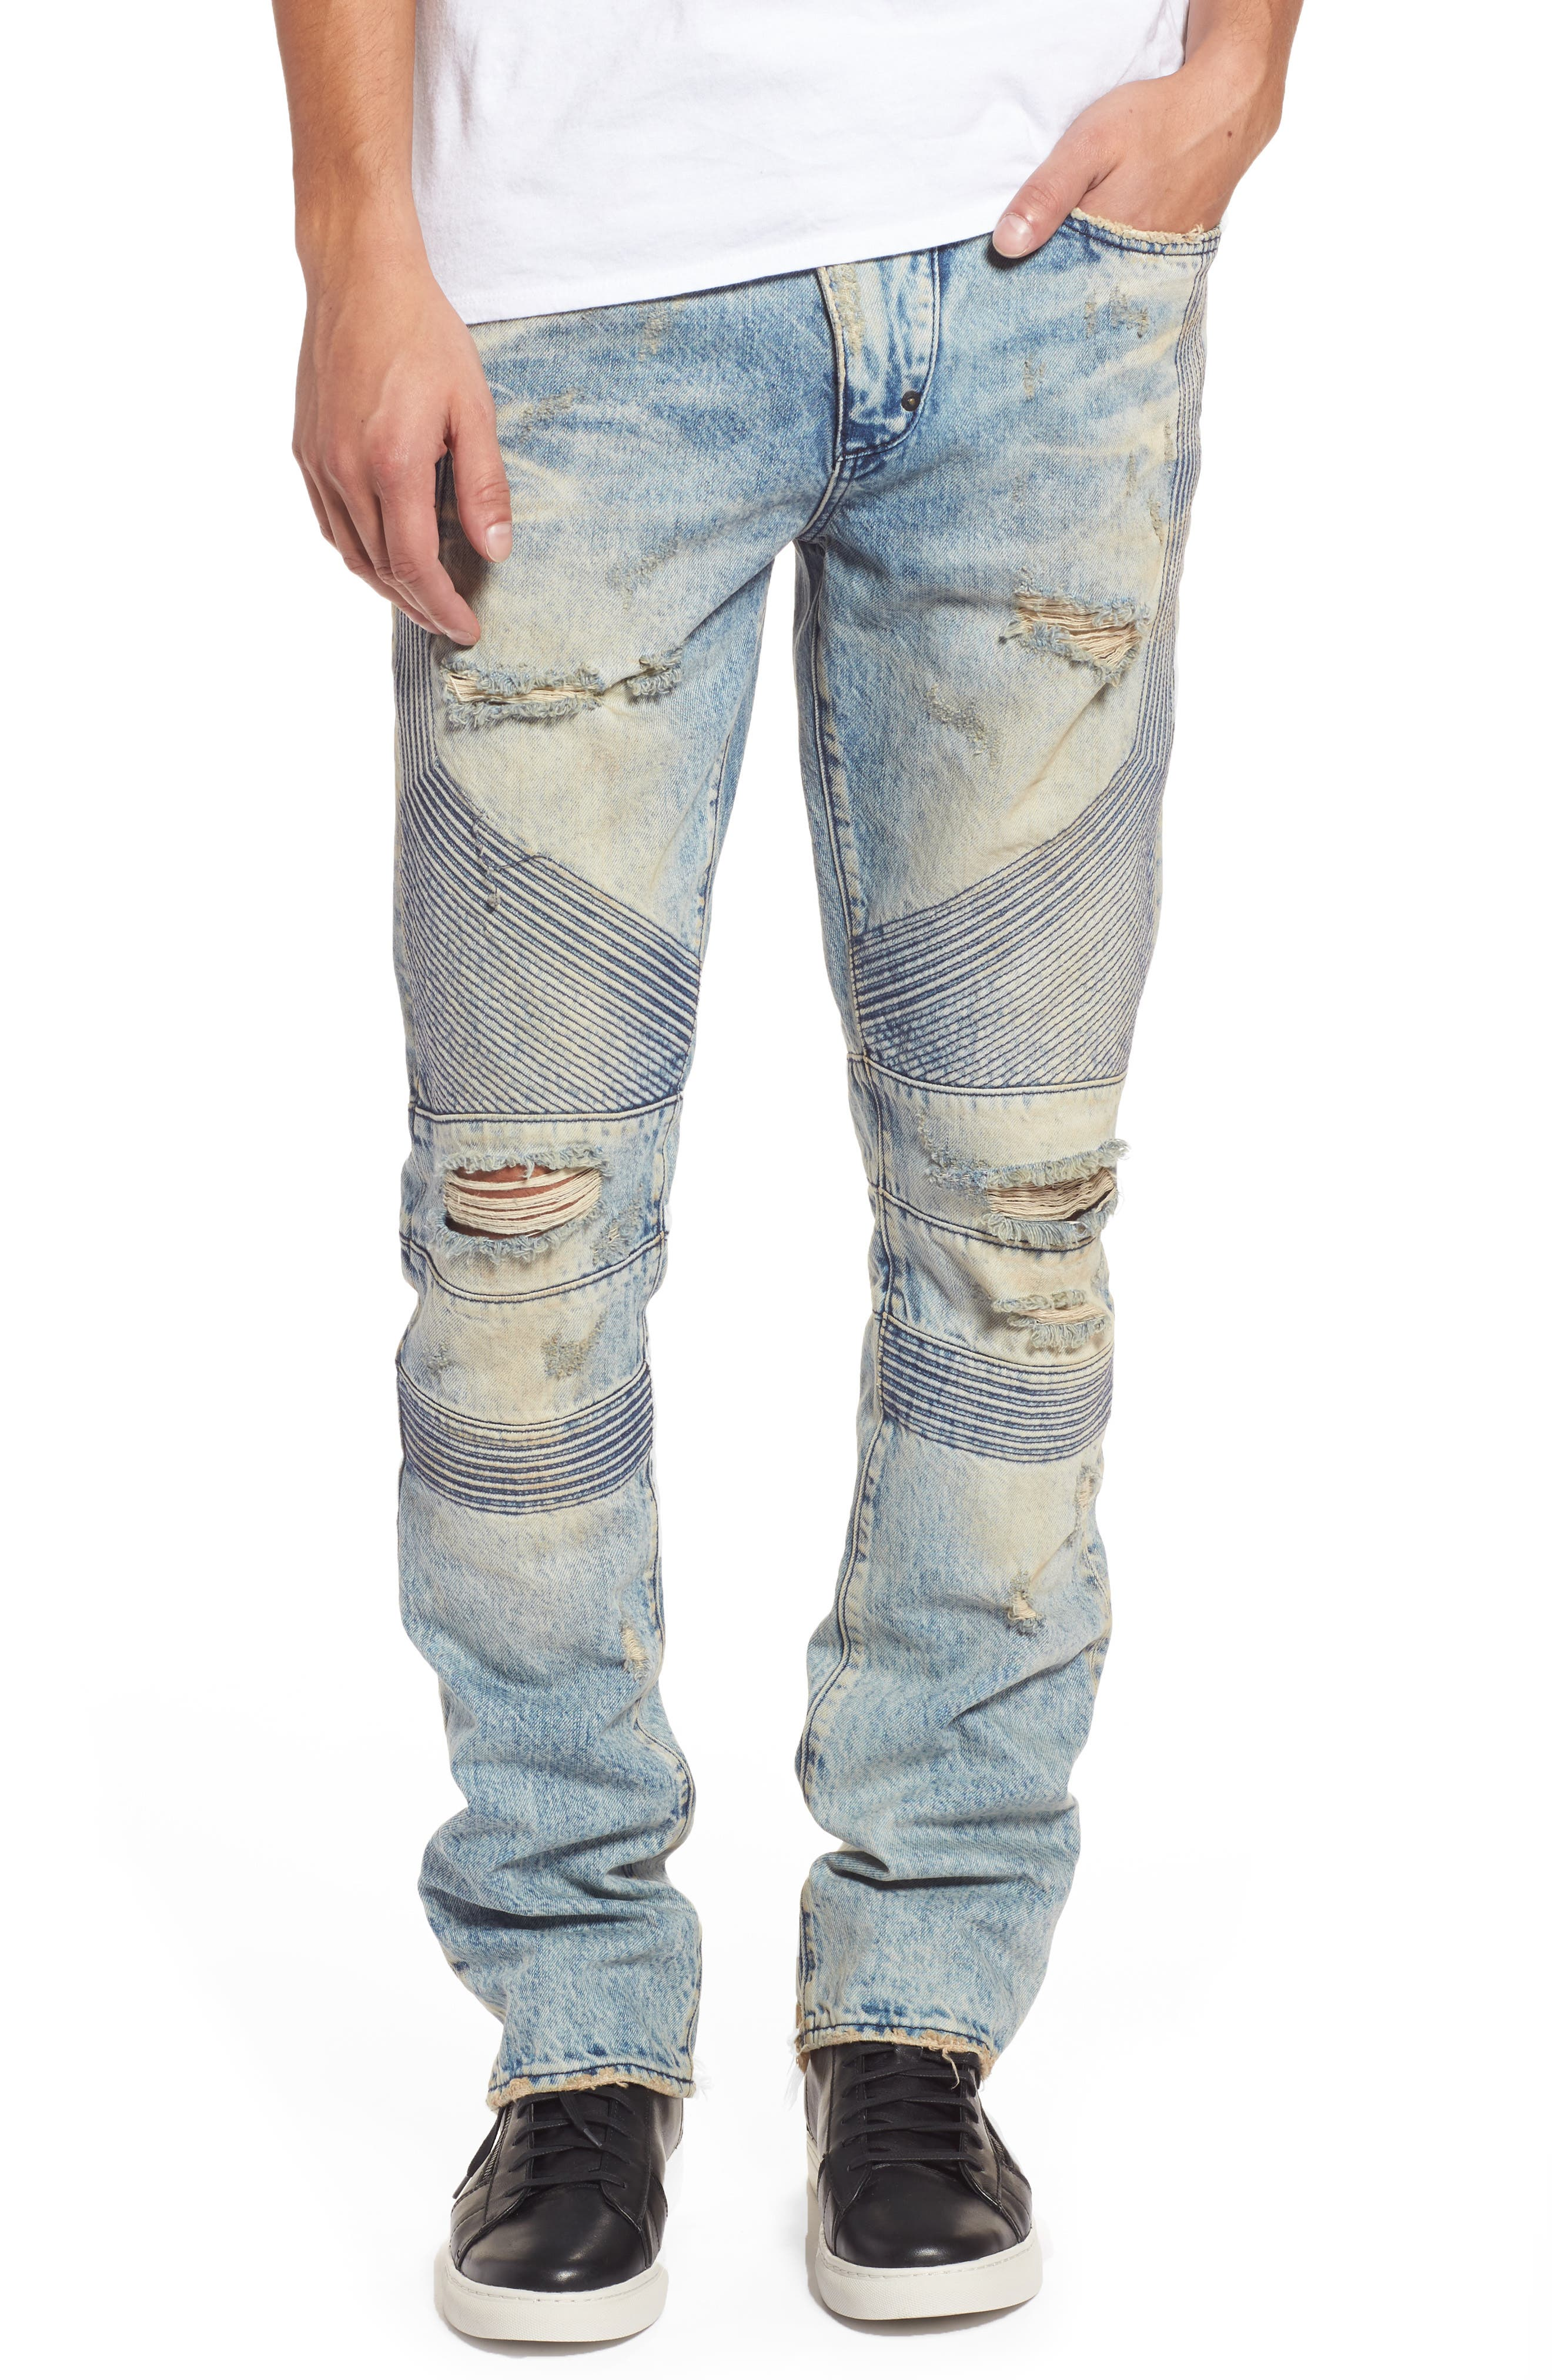 Le Sabre Slim Fit Moto Jeans,                         Main,                         color, Harvested Light Wash